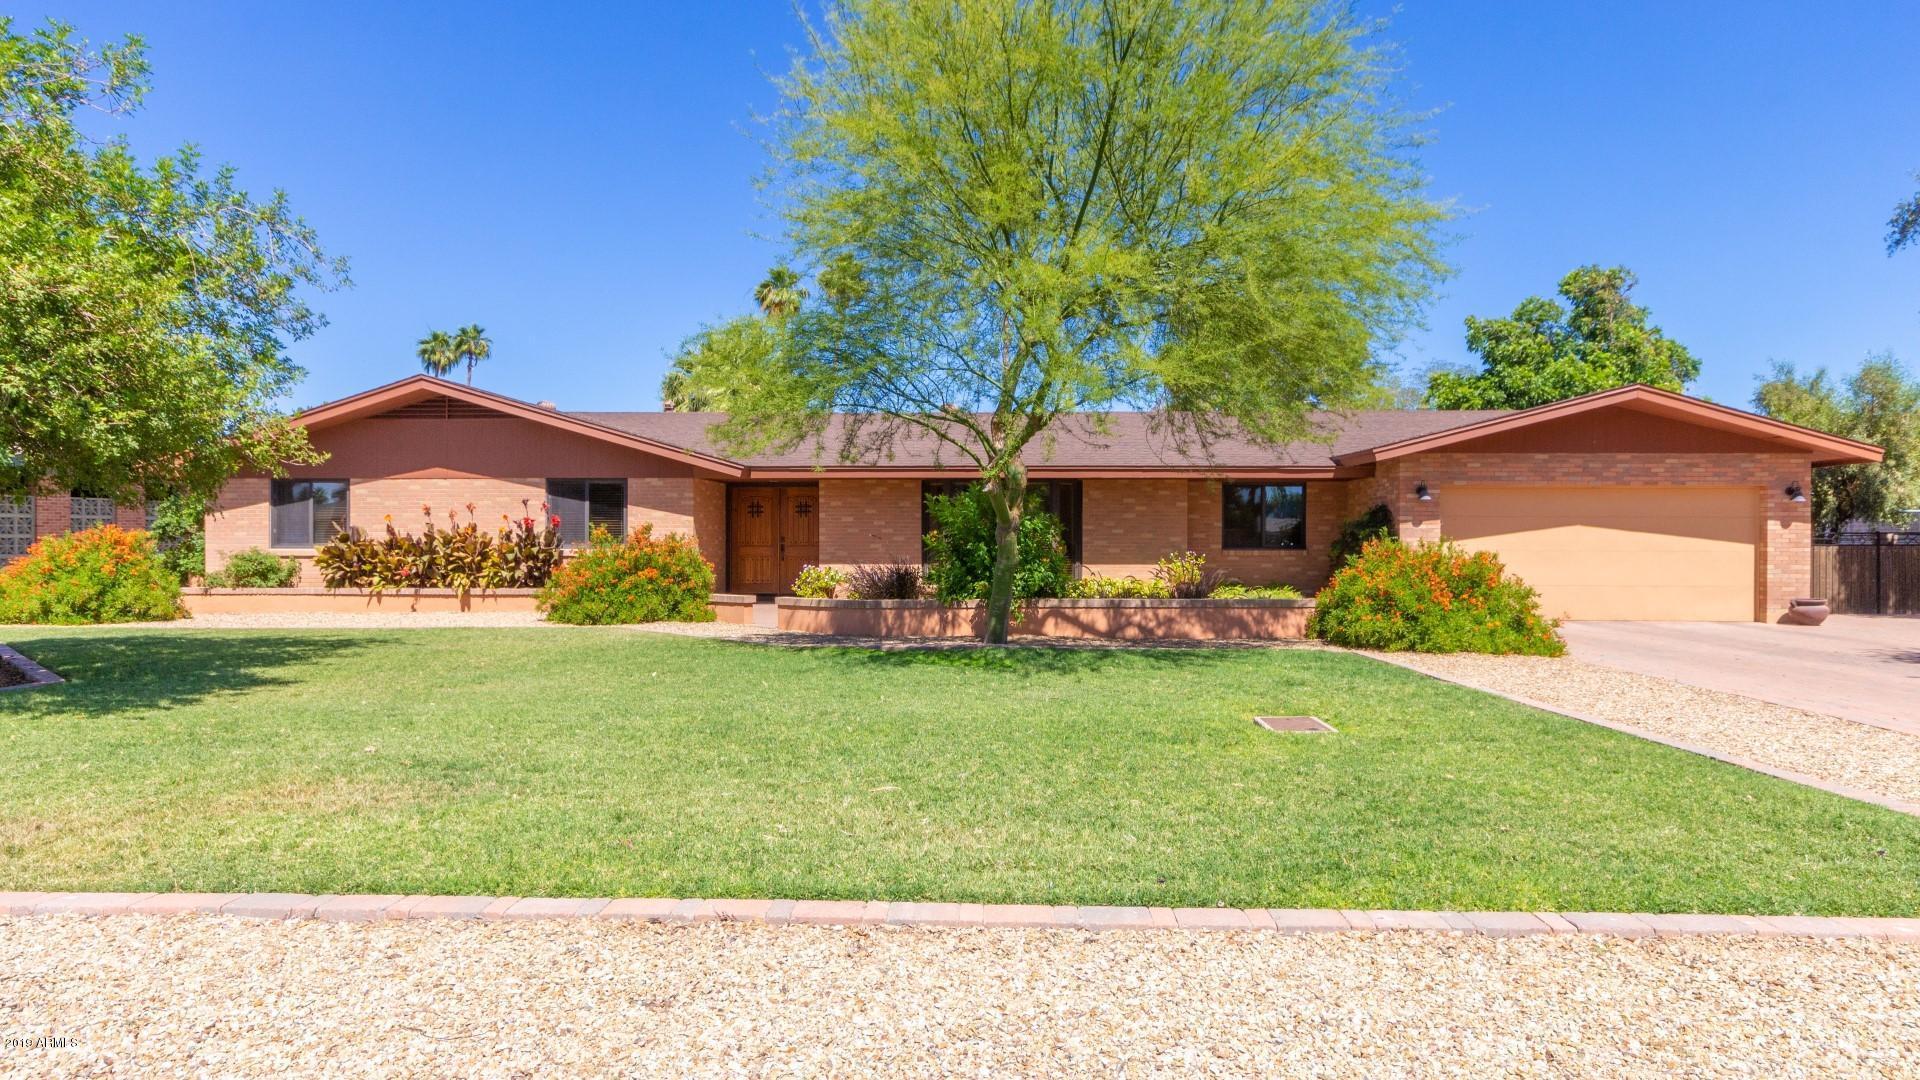 Photo of 105 N FLORENCE Avenue, Litchfield Park, AZ 85340